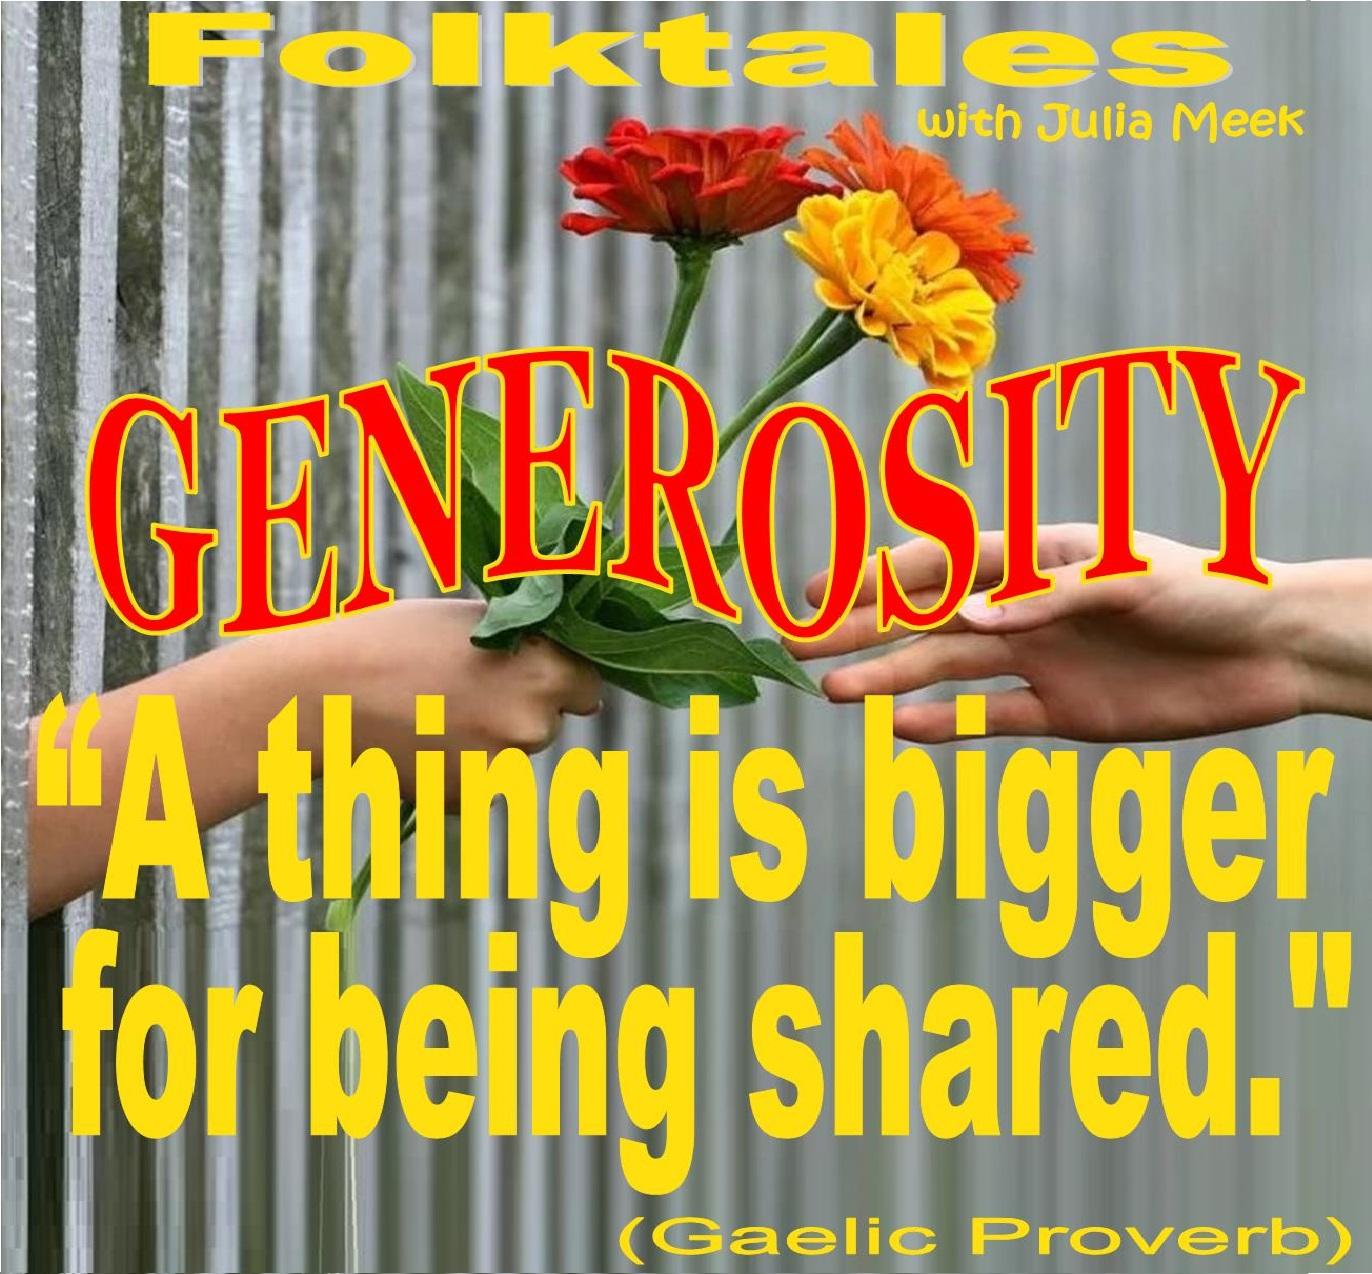 Caption: WBOI's Folktale of Generosity, Credit: Julia Meek